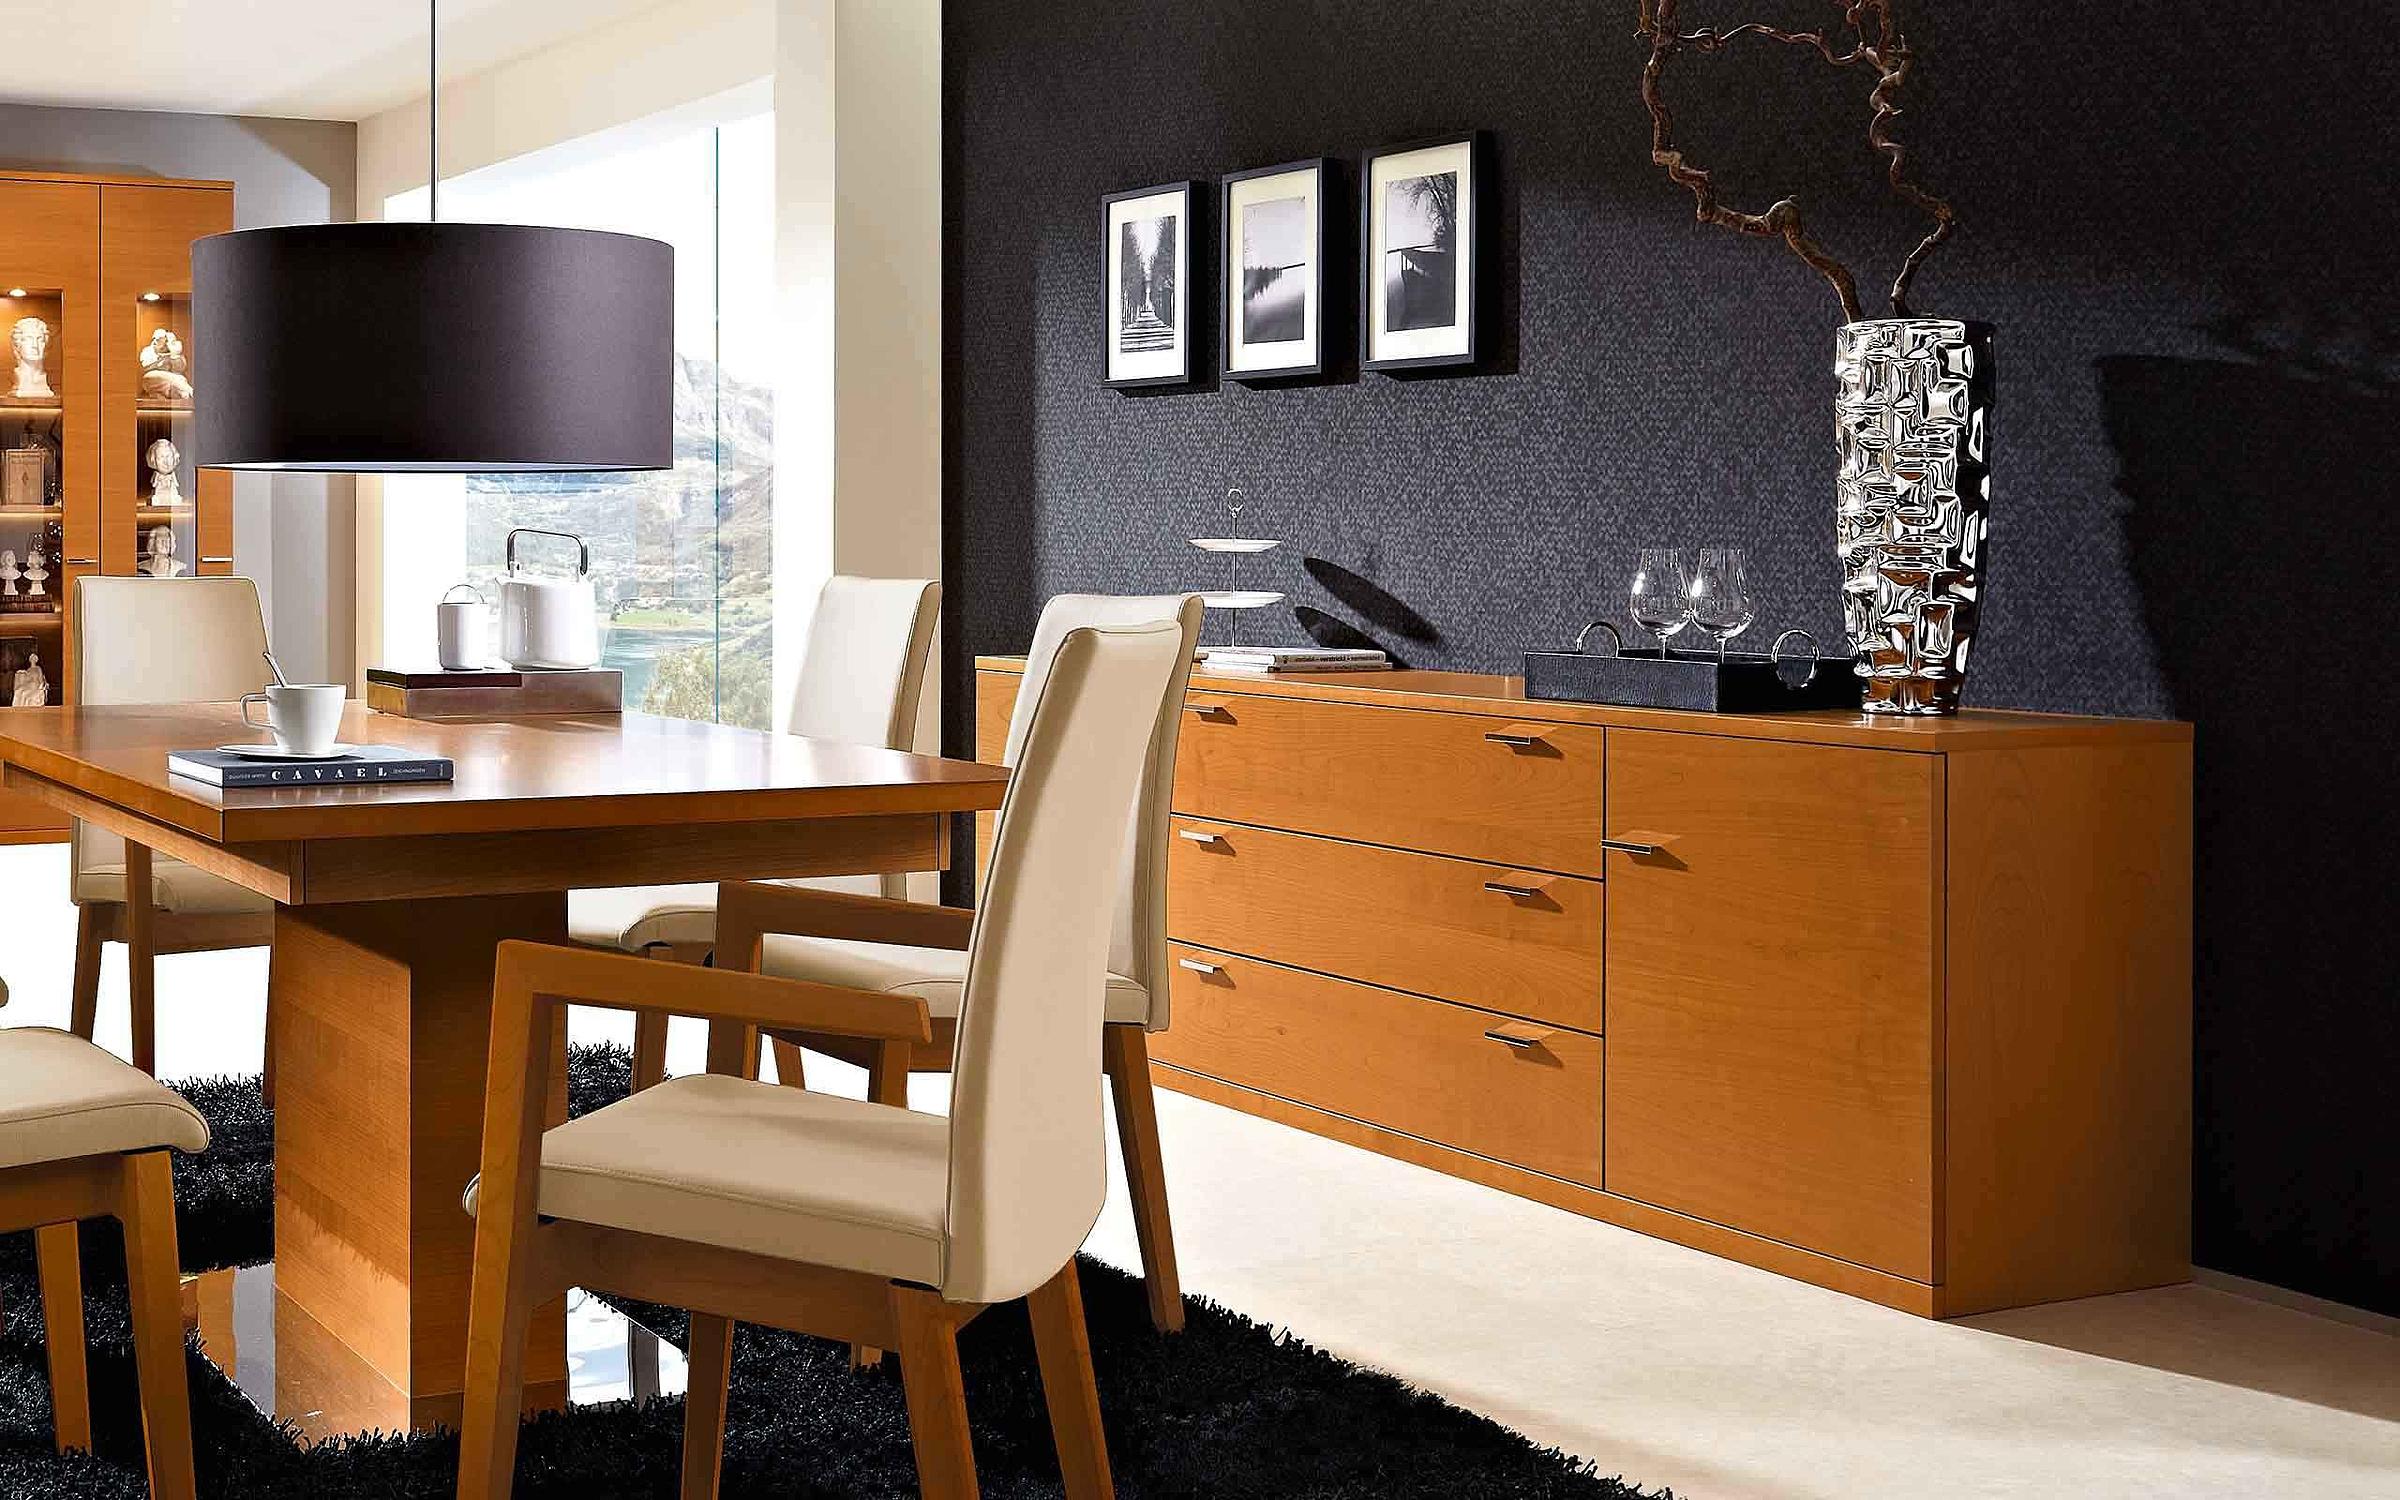 Esstisch Stuhl Sideboard Wohnzimmer Lavita Holz Kirschbaum